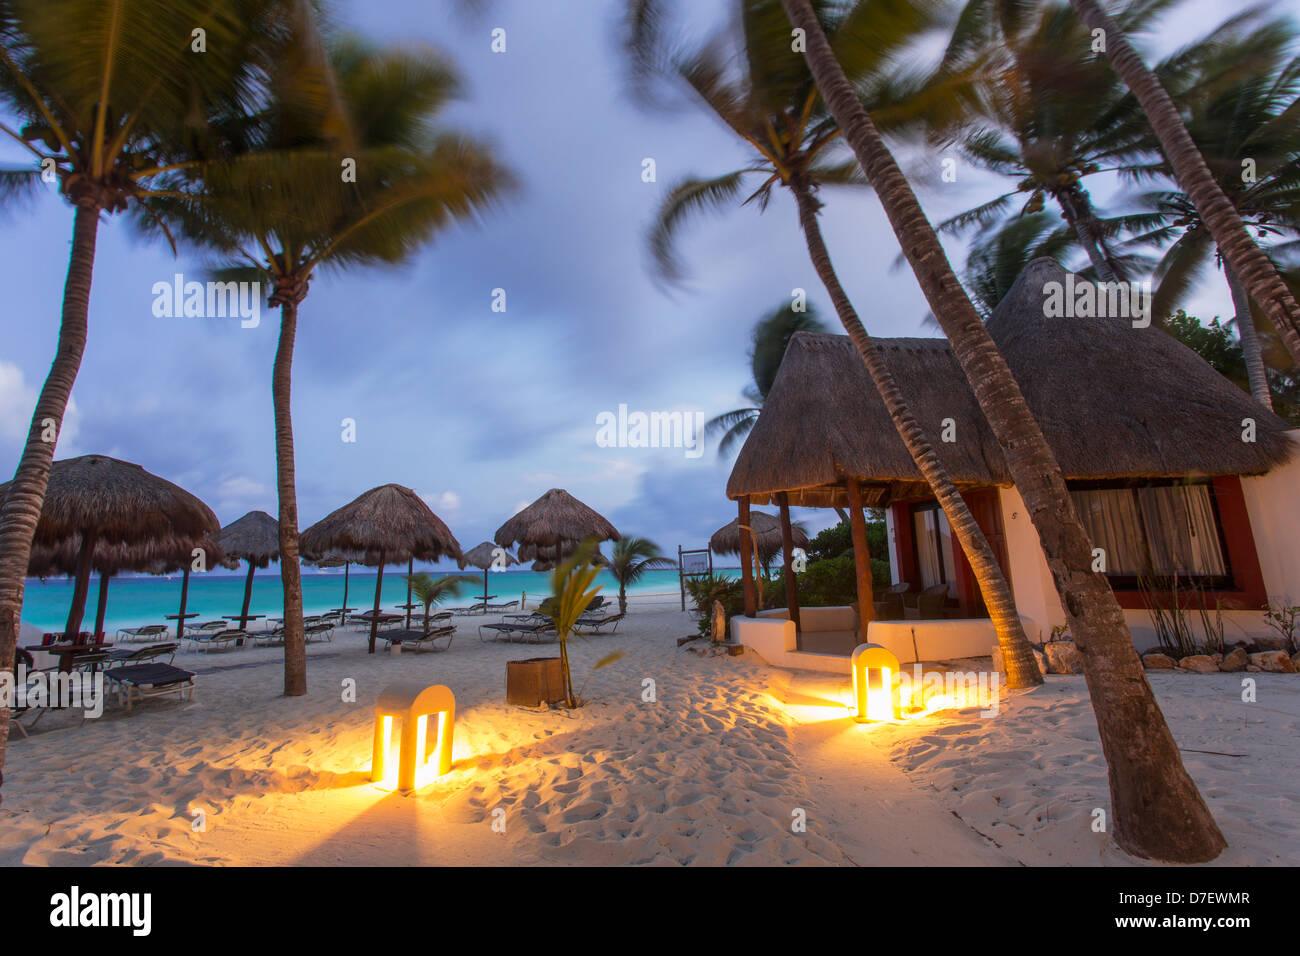 Cabana-Stil Unterkunft am Strand umgeben von Palmen in der Morgendämmerung Stockbild